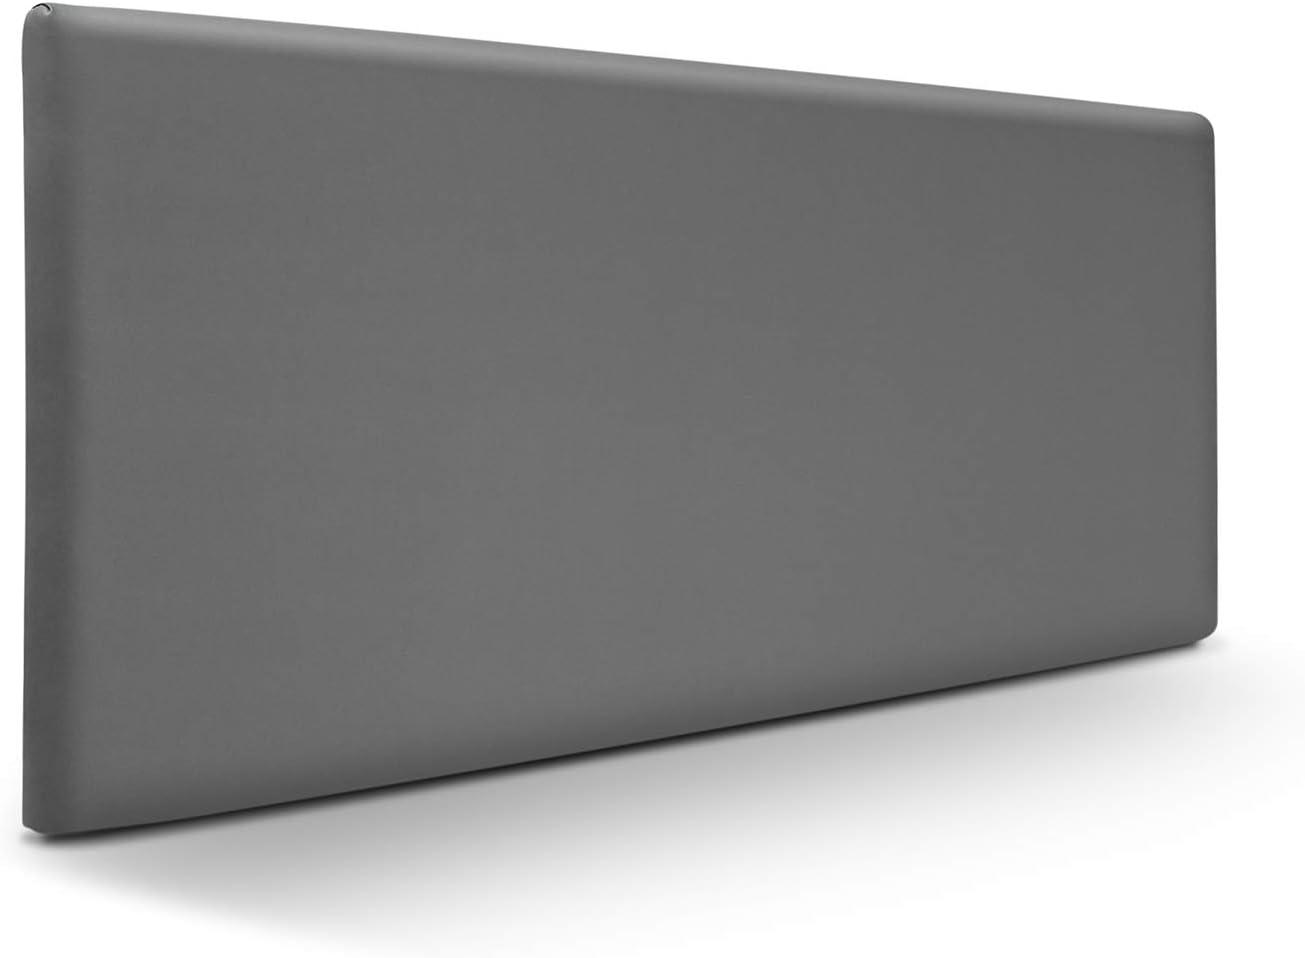 SUENOSZZZ-ESPECIALISTAS DEL DESCANSO Cabecero de Cama Liso tapizado en Polipiel para Camas de 150 (160 x 57 cm) Polipiel Ceniza